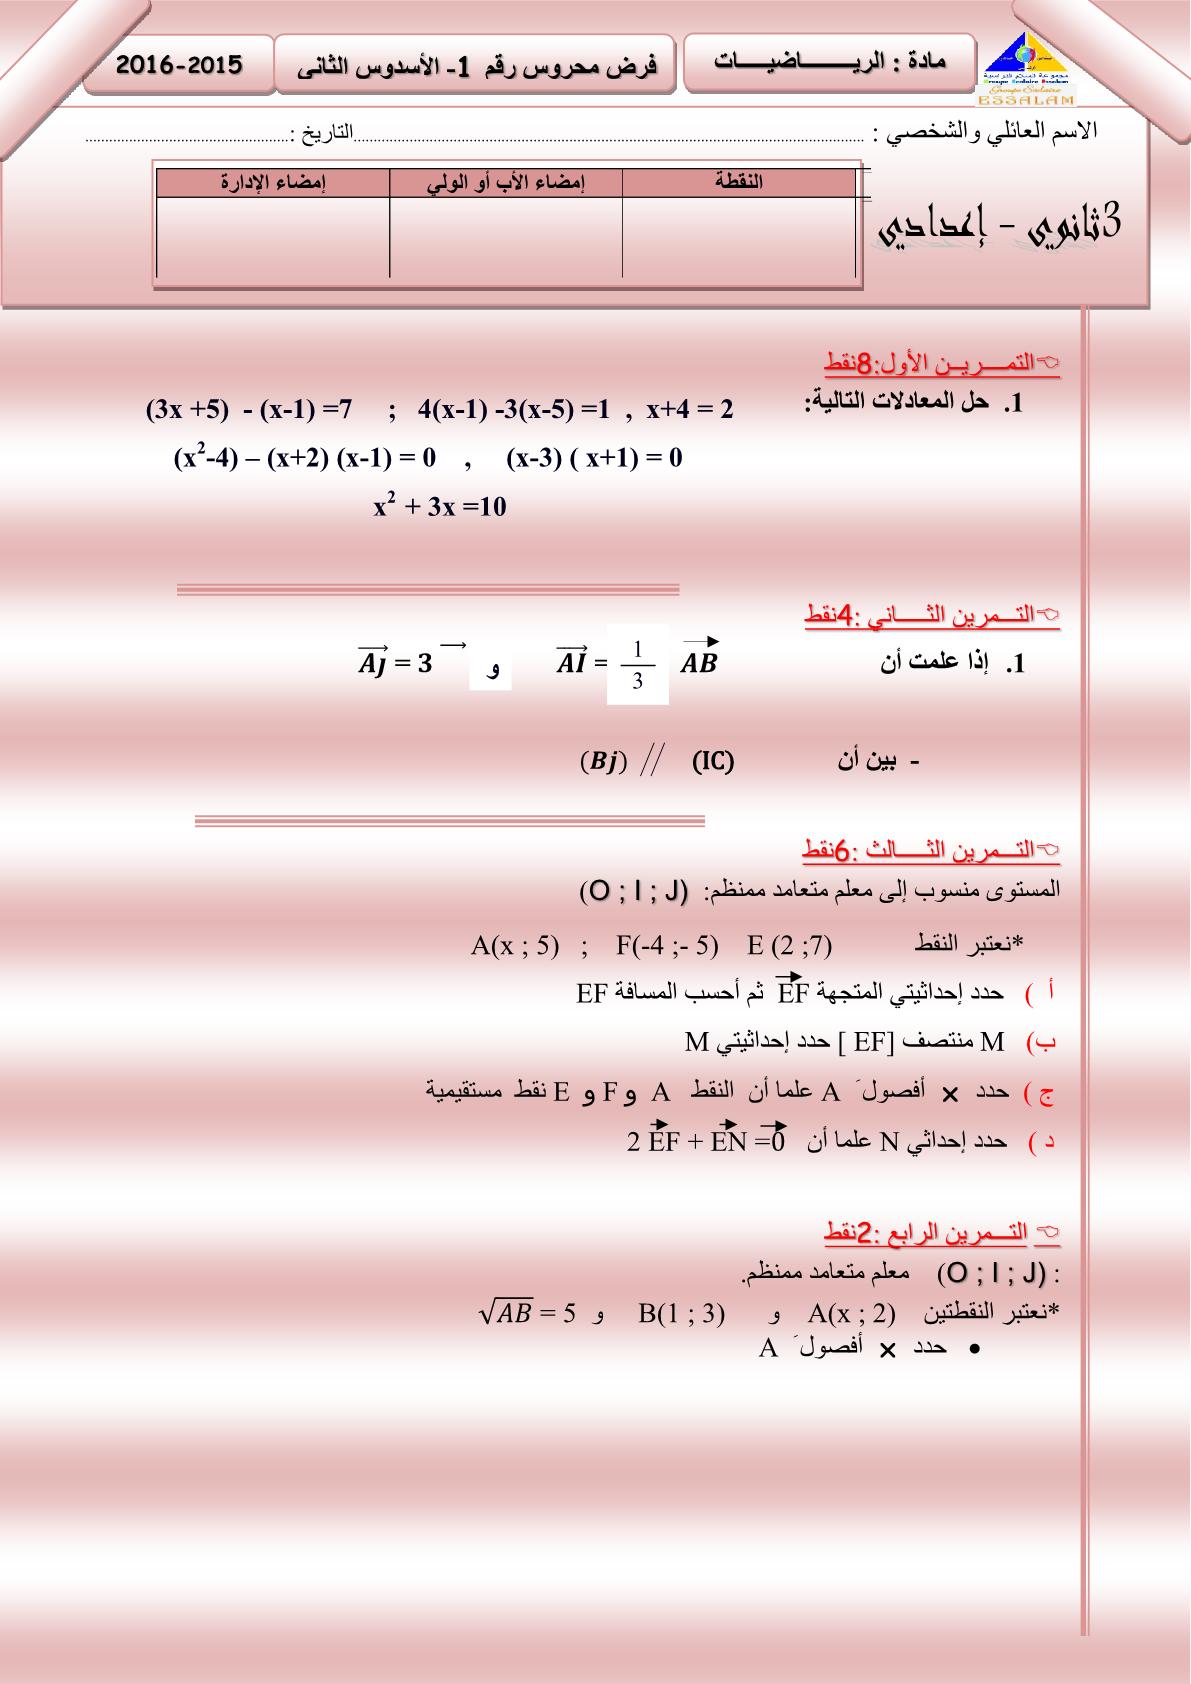 رض محروس الثاني مع الحل في مادة الرياضيات للمستوى الثالثة إعدادي